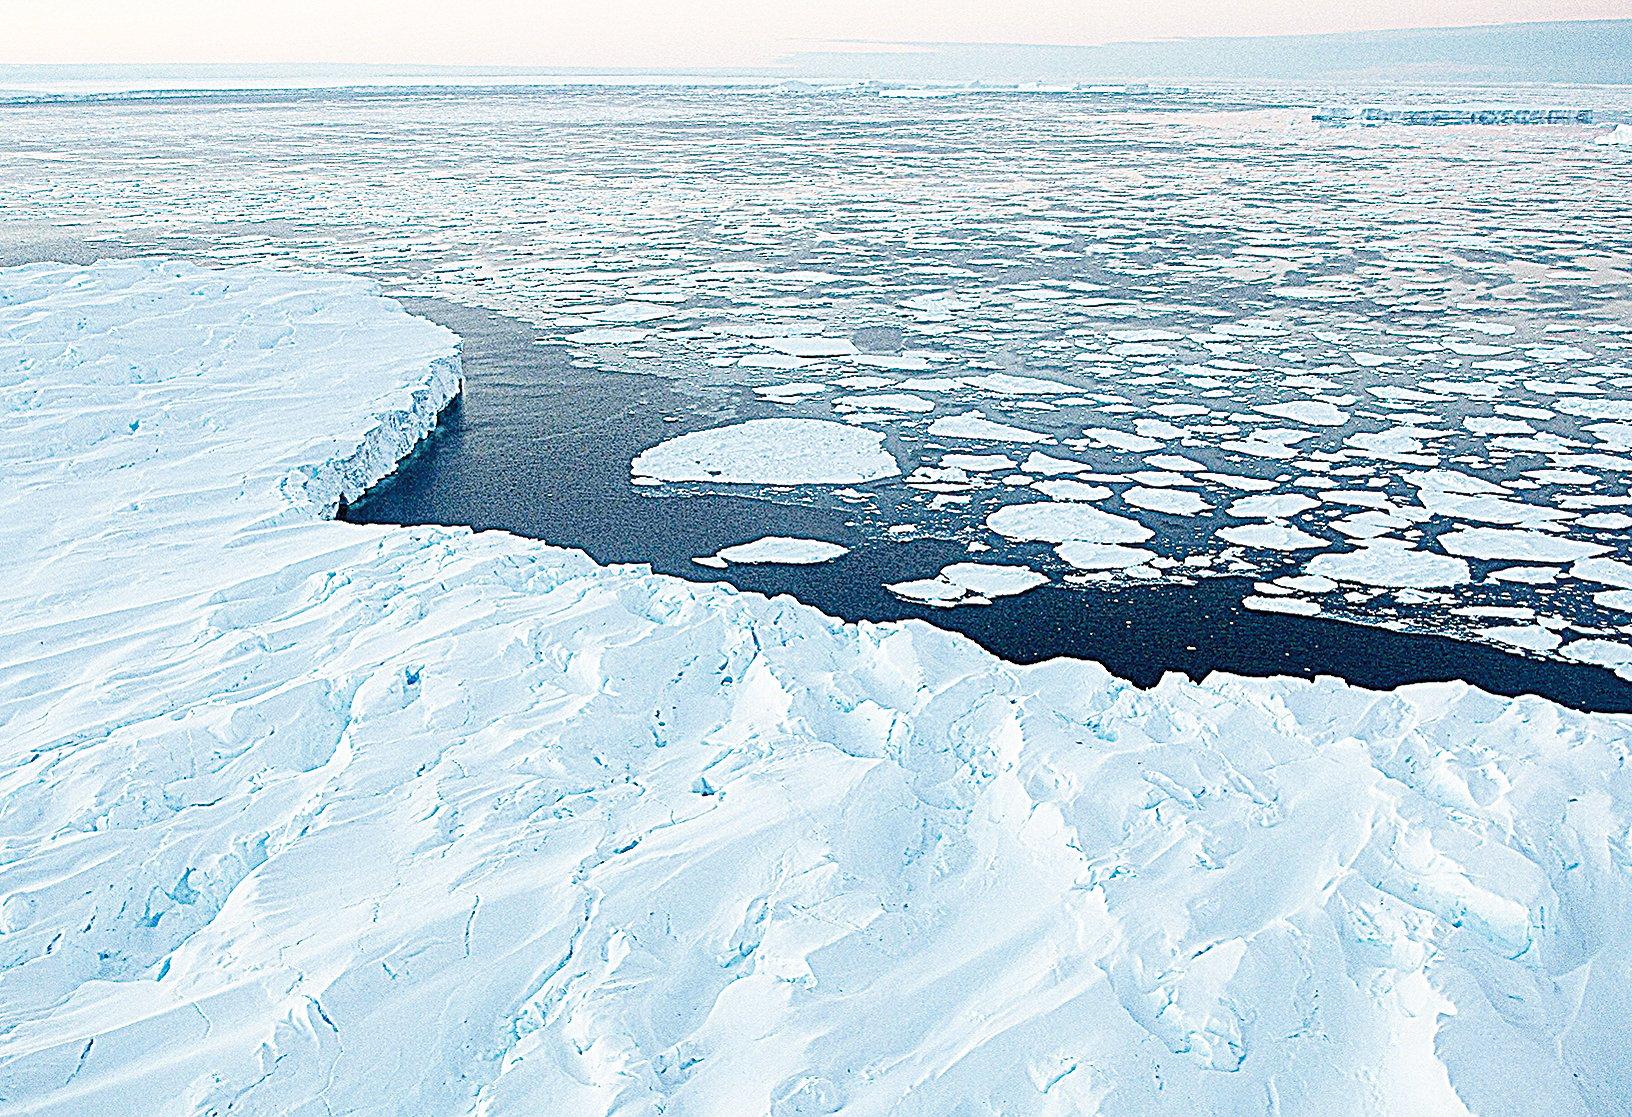 研究顯示,南北極的冰層正因氣候暖化而加速融解。(AFP)